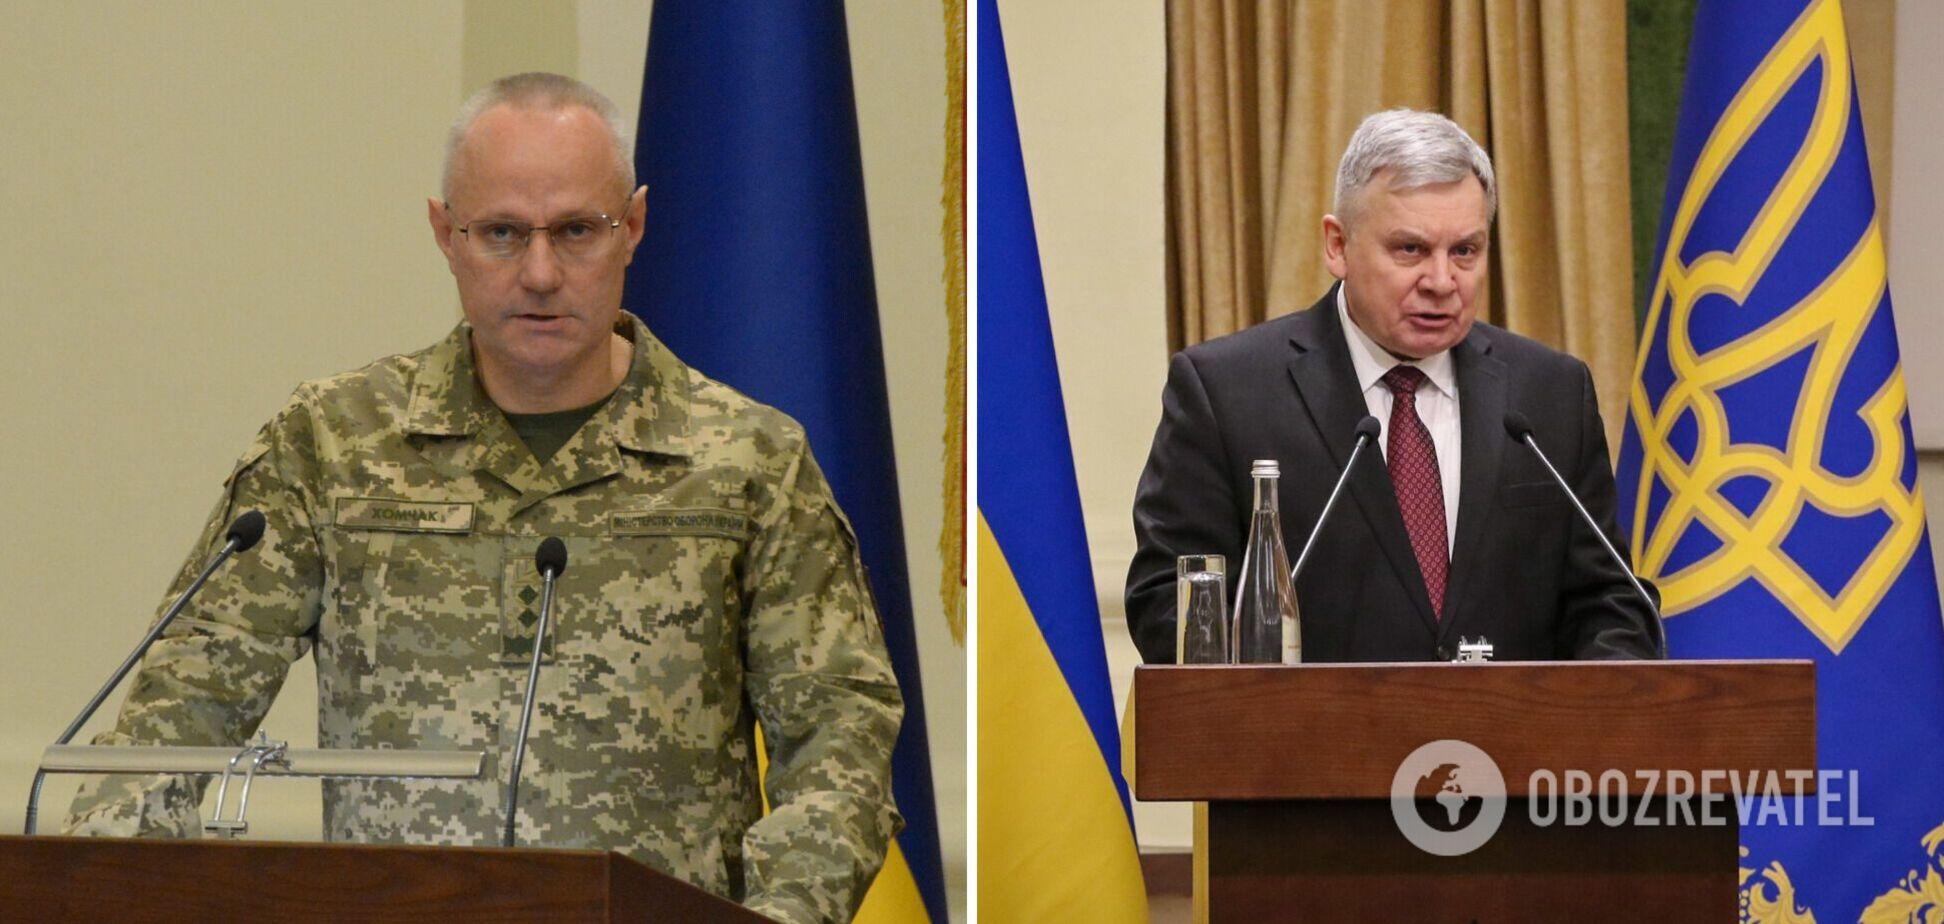 Головнокомандувач ЗСУ Руслан Хомчак та міністр оборони Андрій Таран